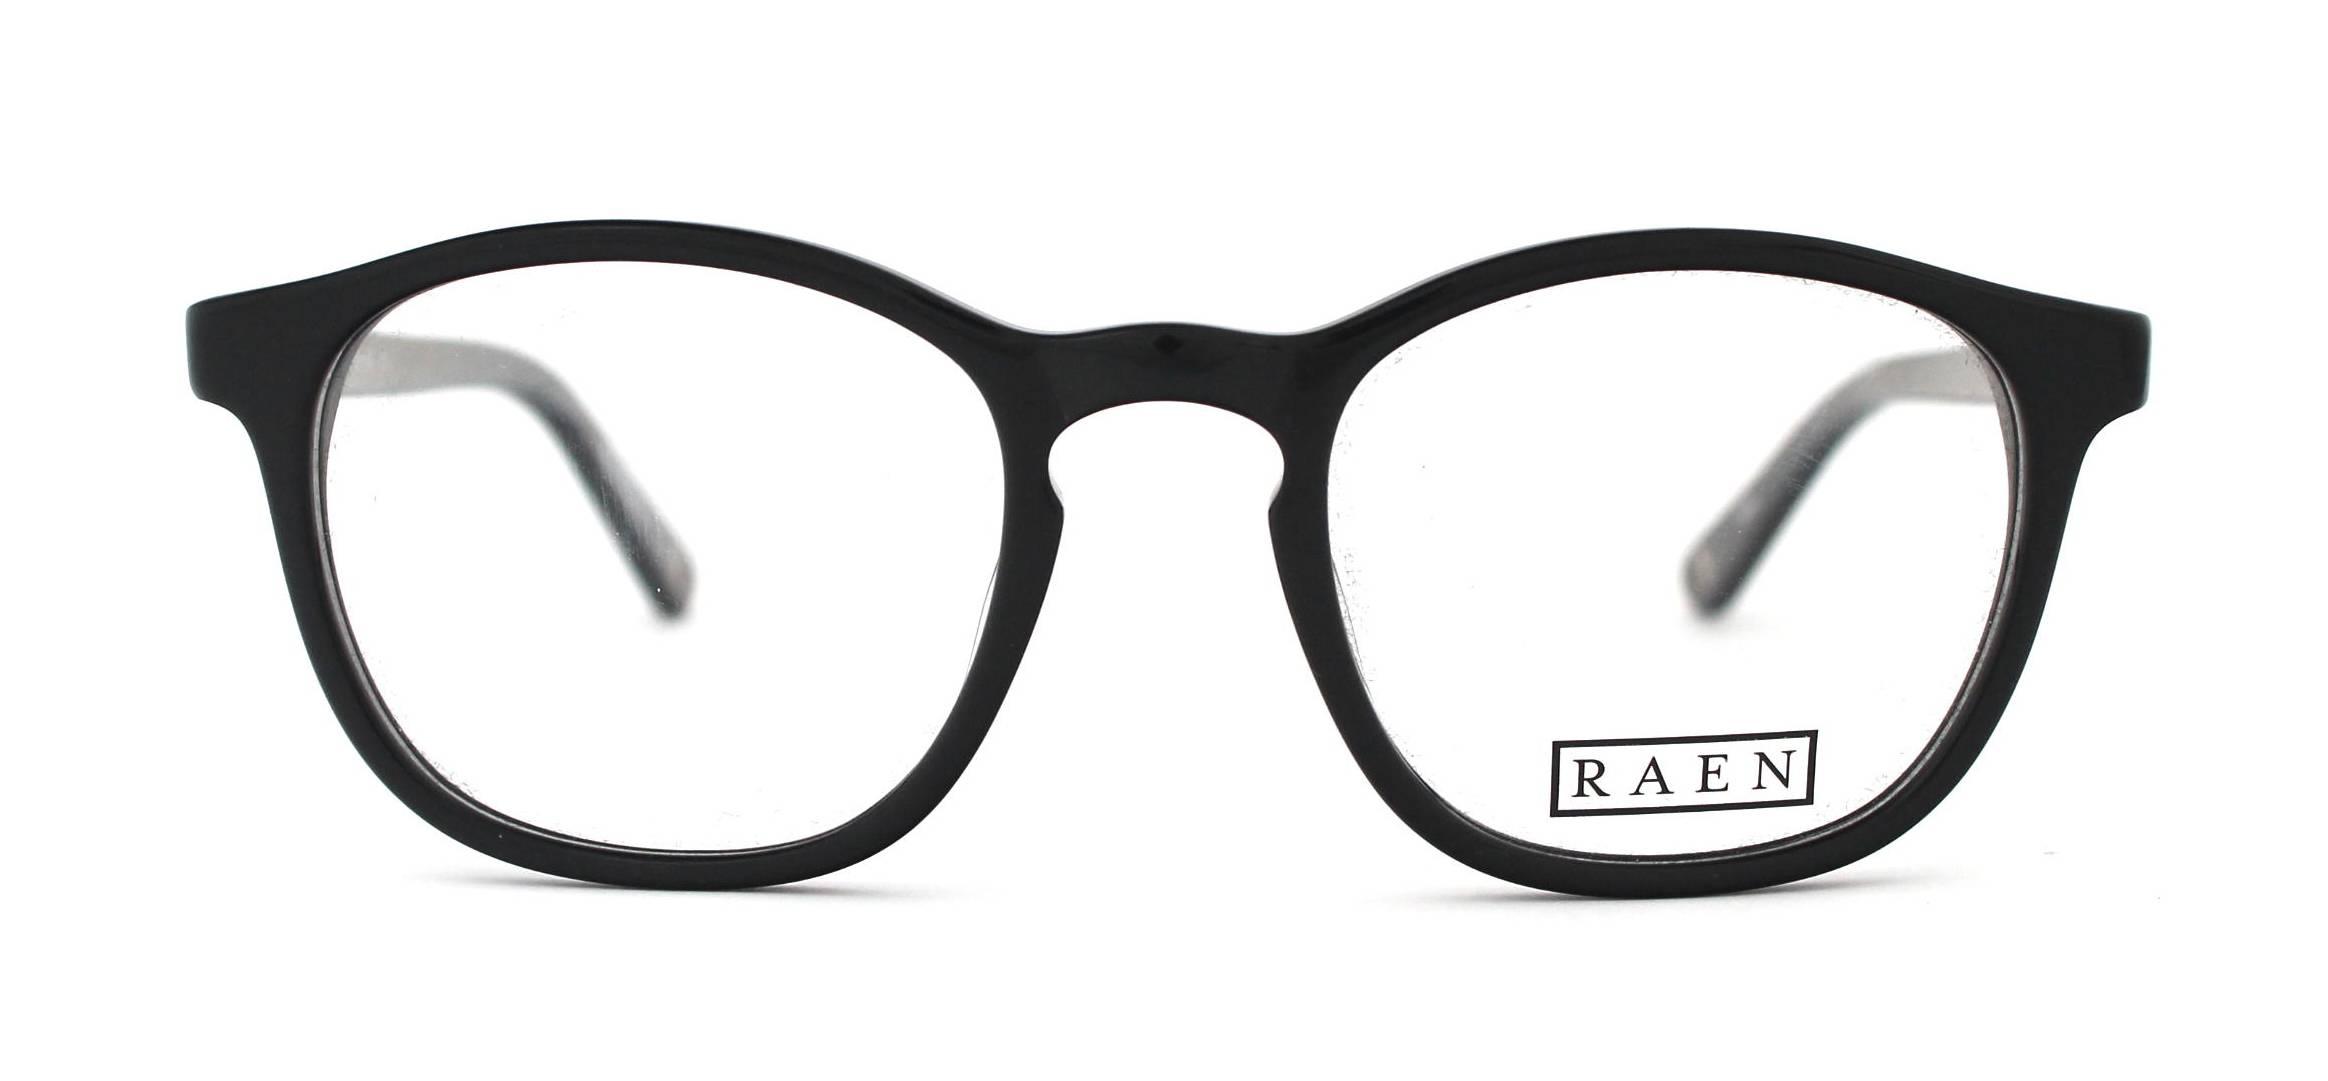 Raen - Saint Malo 51 Black